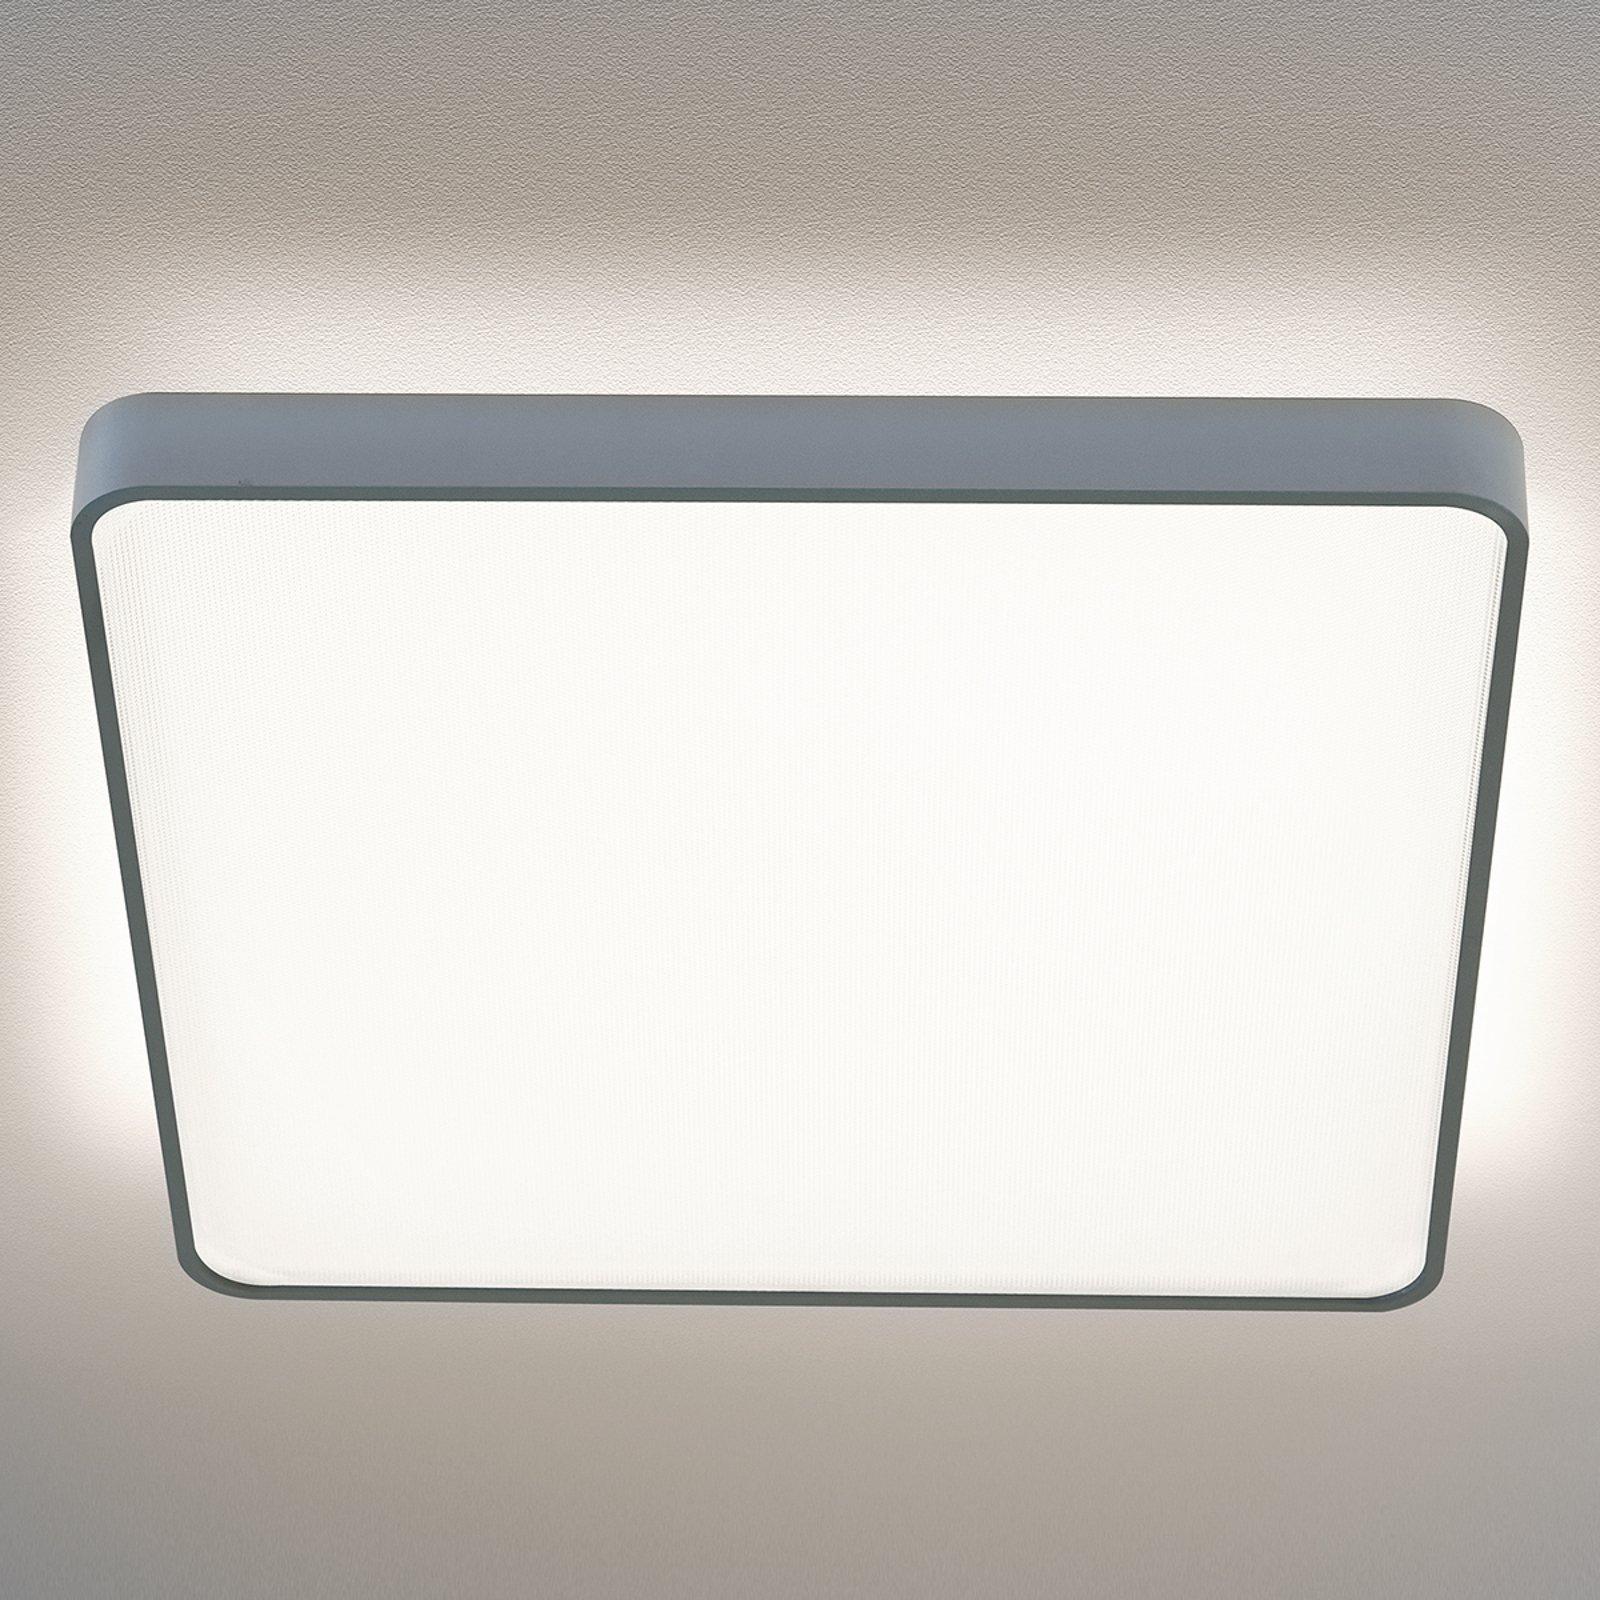 Caleo-X2 taklampe LED varmhvit 91,4 cm